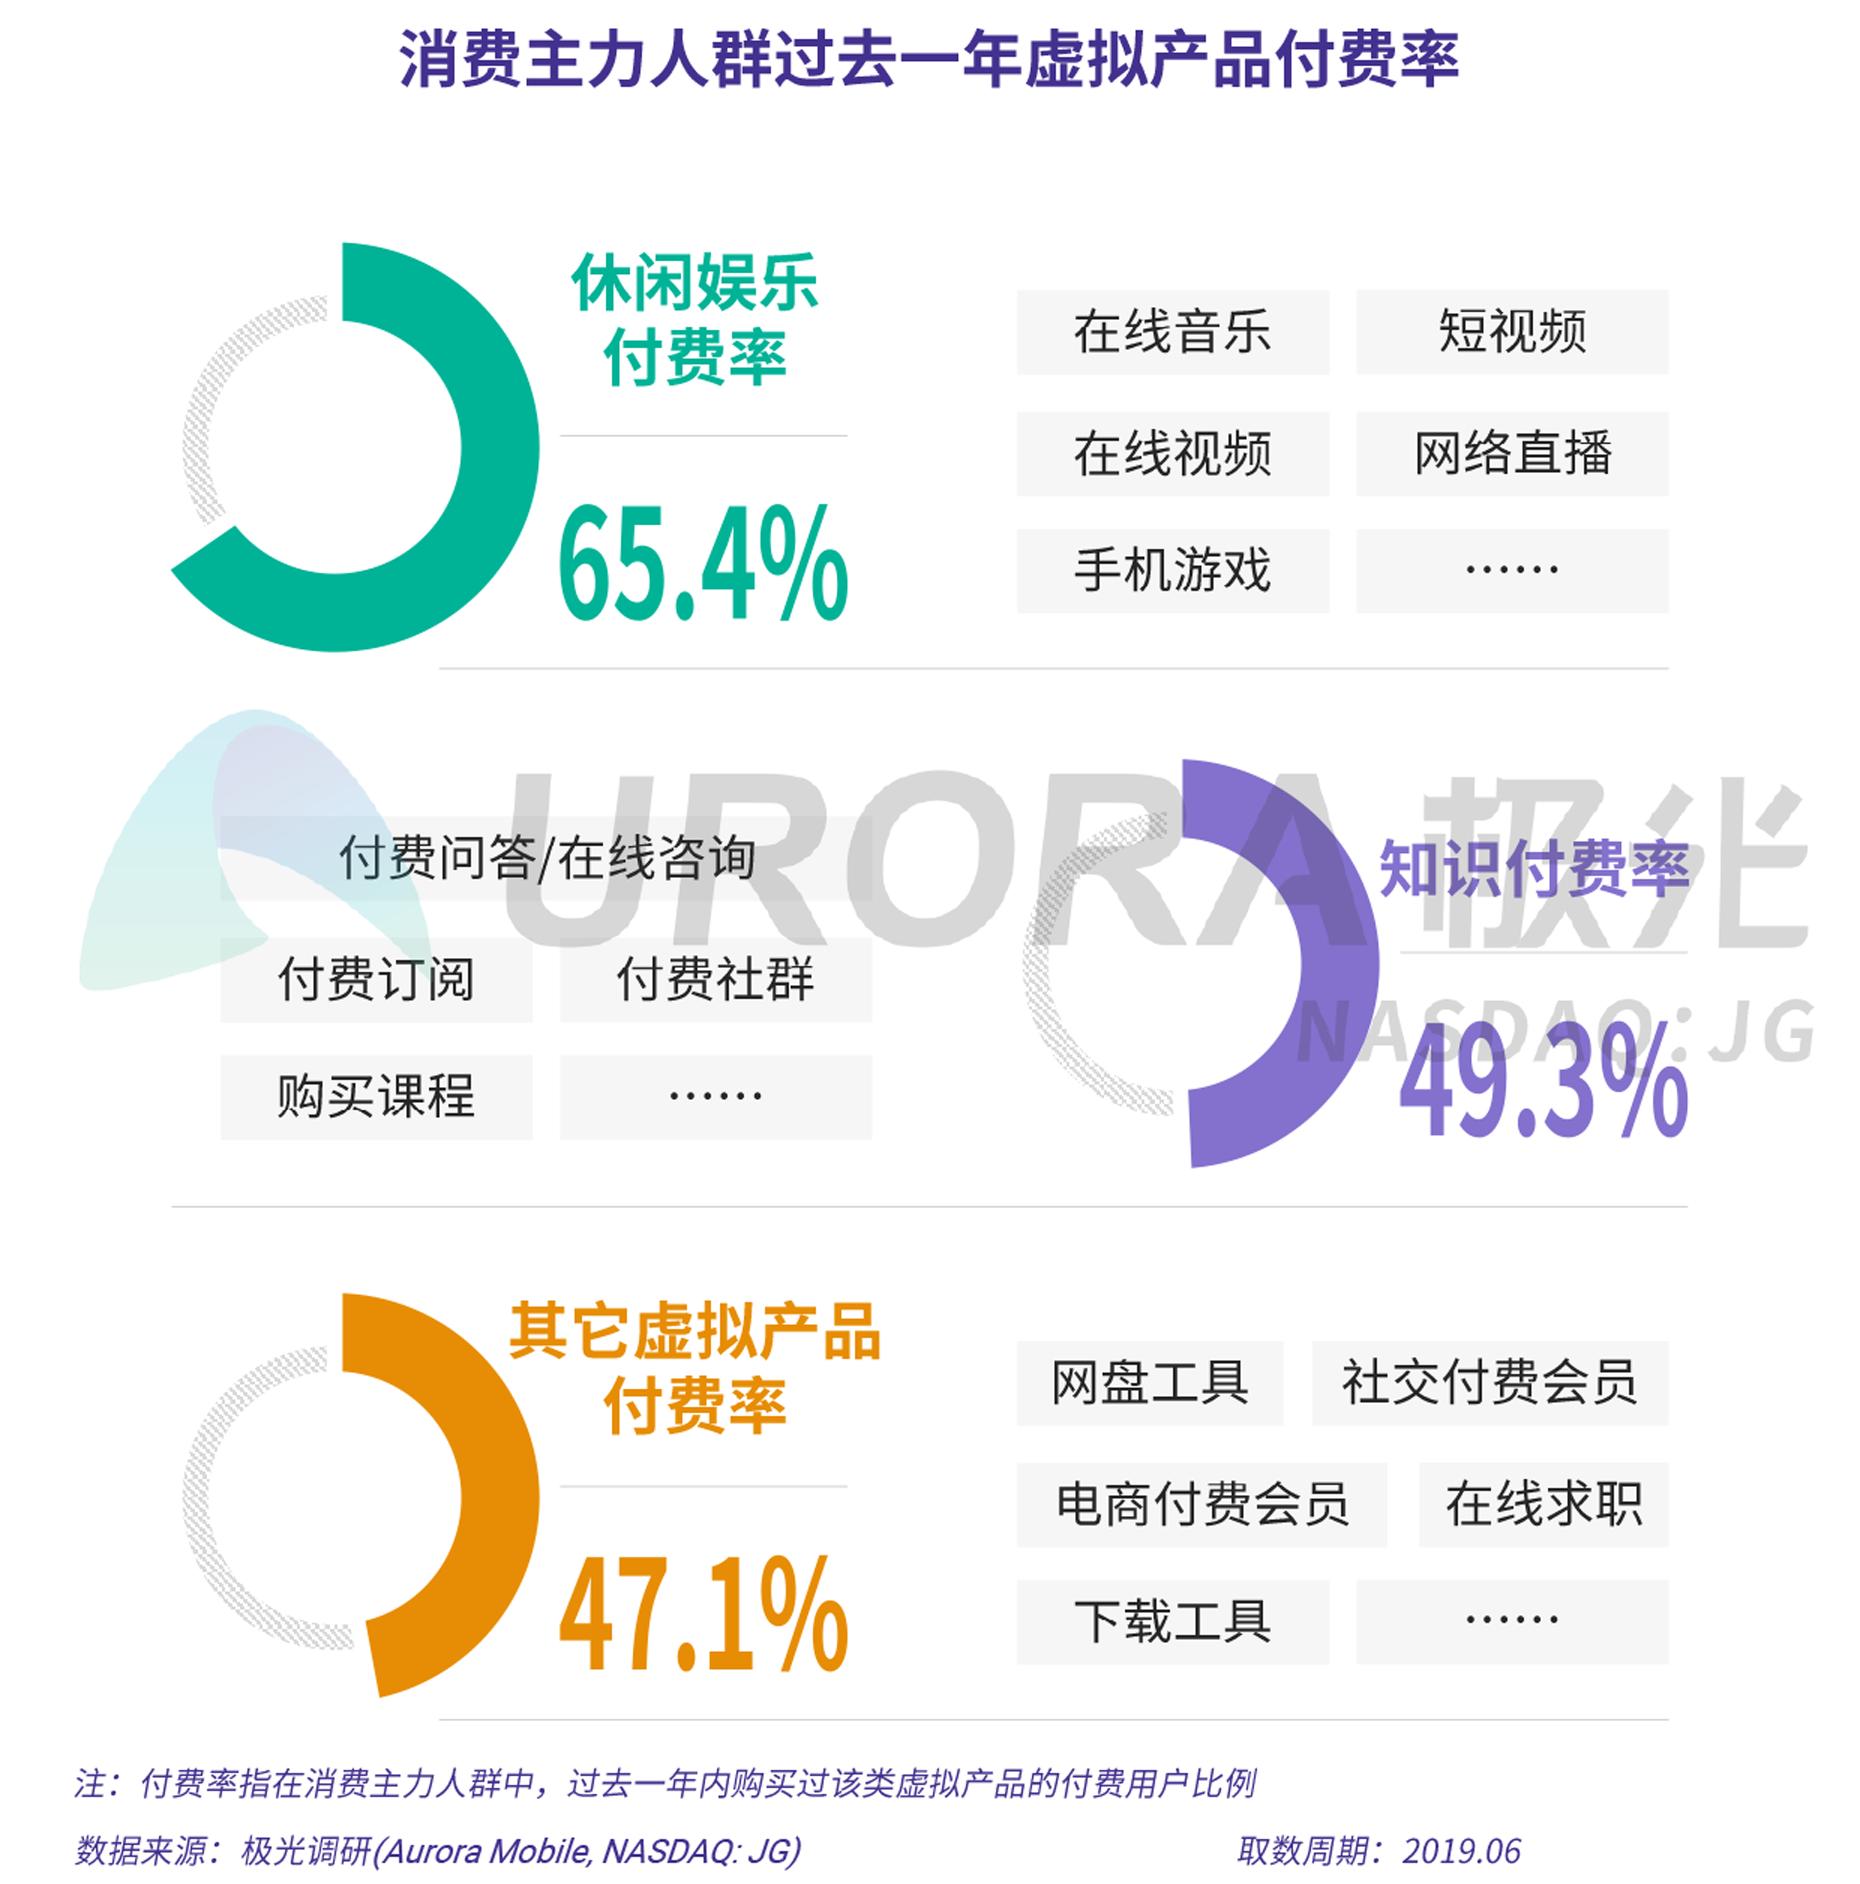 2019年消费主力人群虚拟产品付费研究报告-V5-6.png